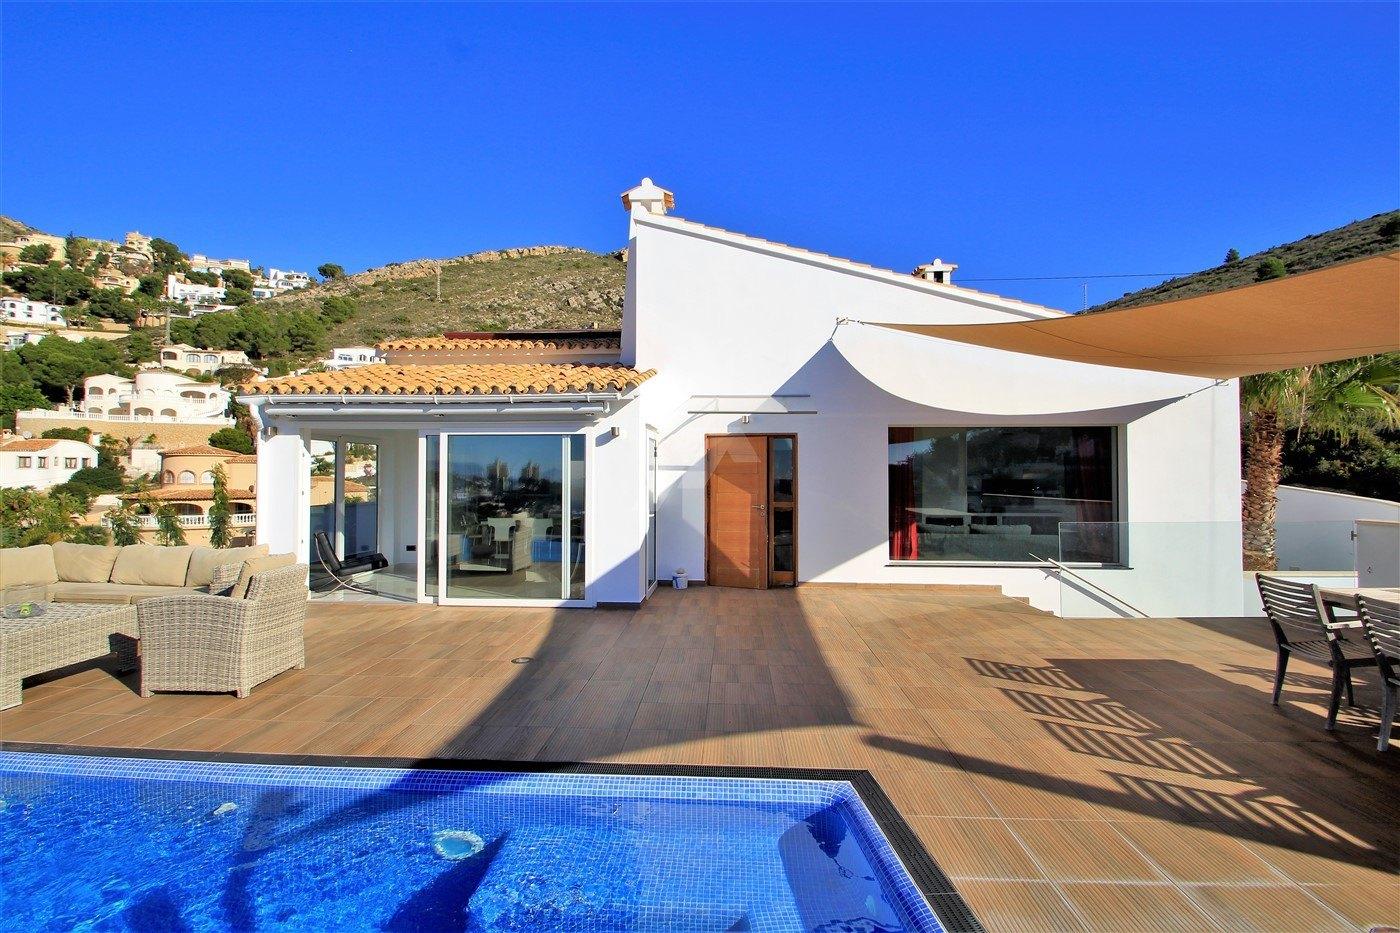 Villa con vistas al mar en venta en Moraira, Costa Blanca.